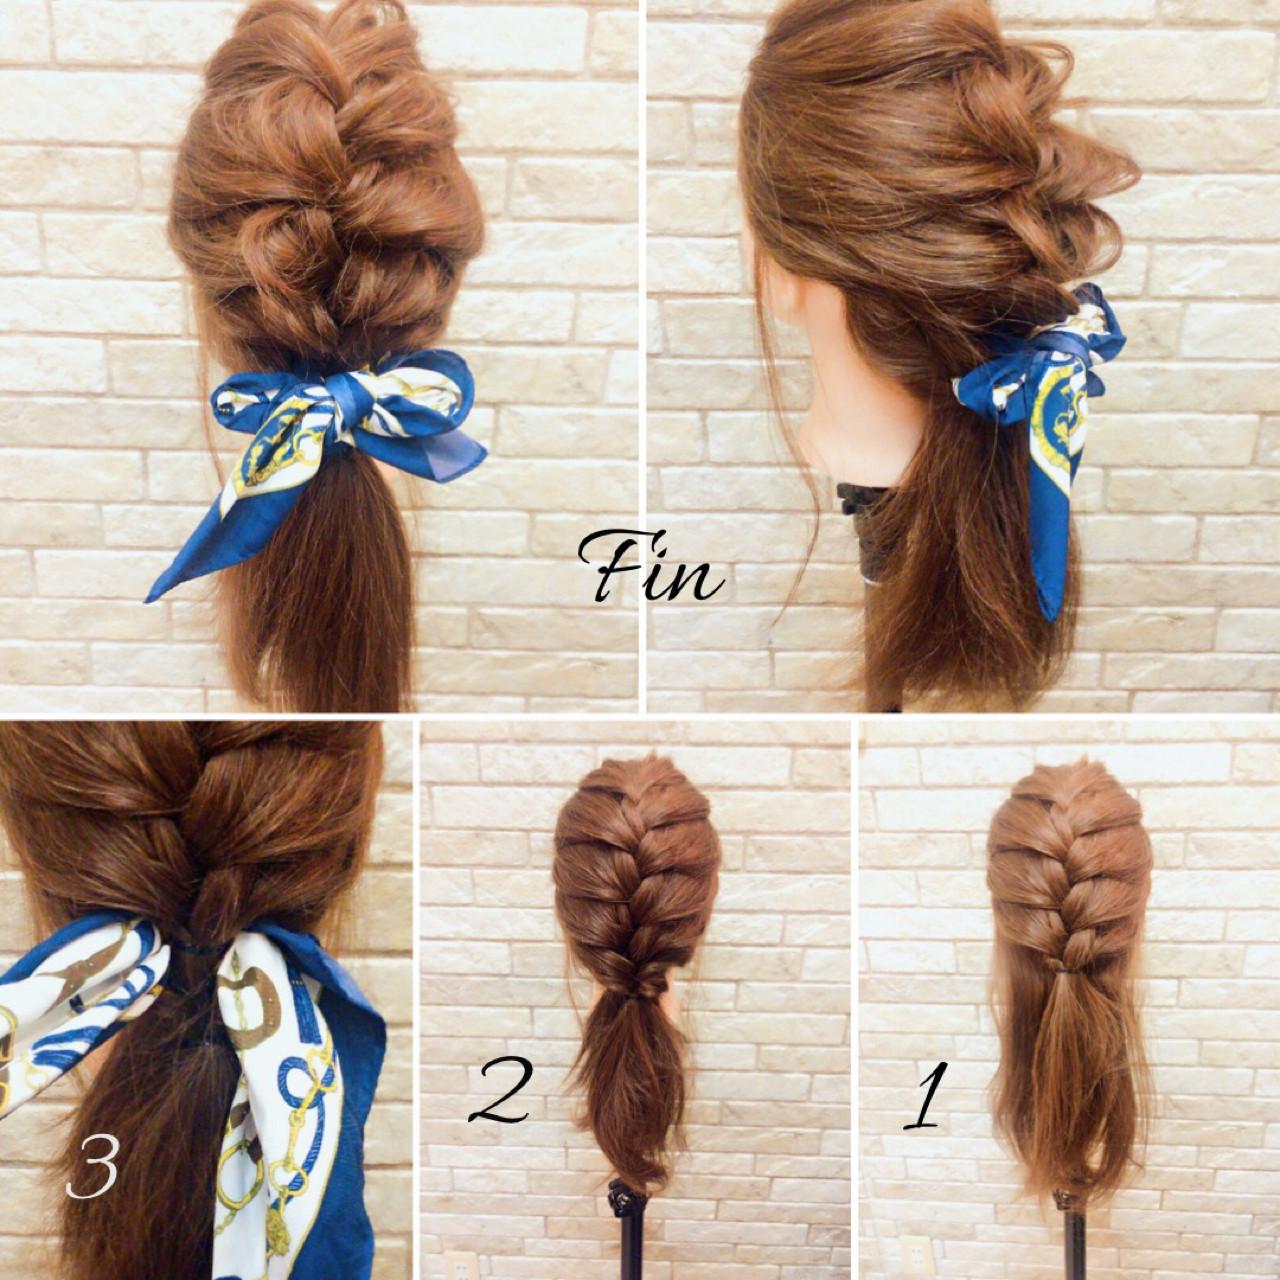 ヘアアレンジ 大人女子 簡単ヘアアレンジ フェミニン ヘアスタイルや髪型の写真・画像